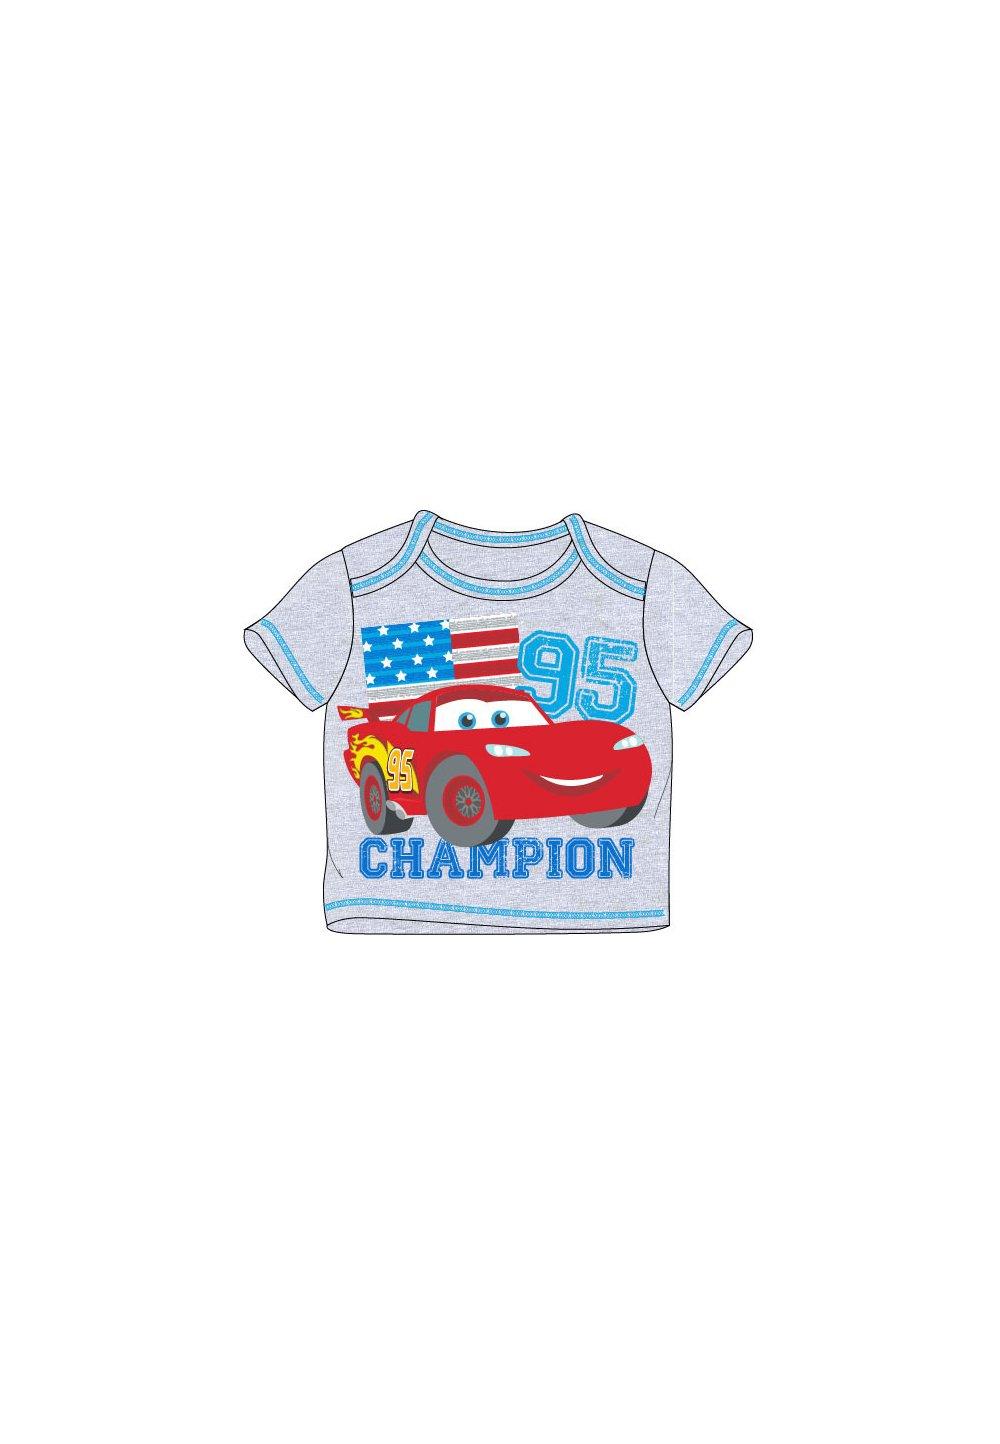 Tricou bebe, Champion, gri imagine